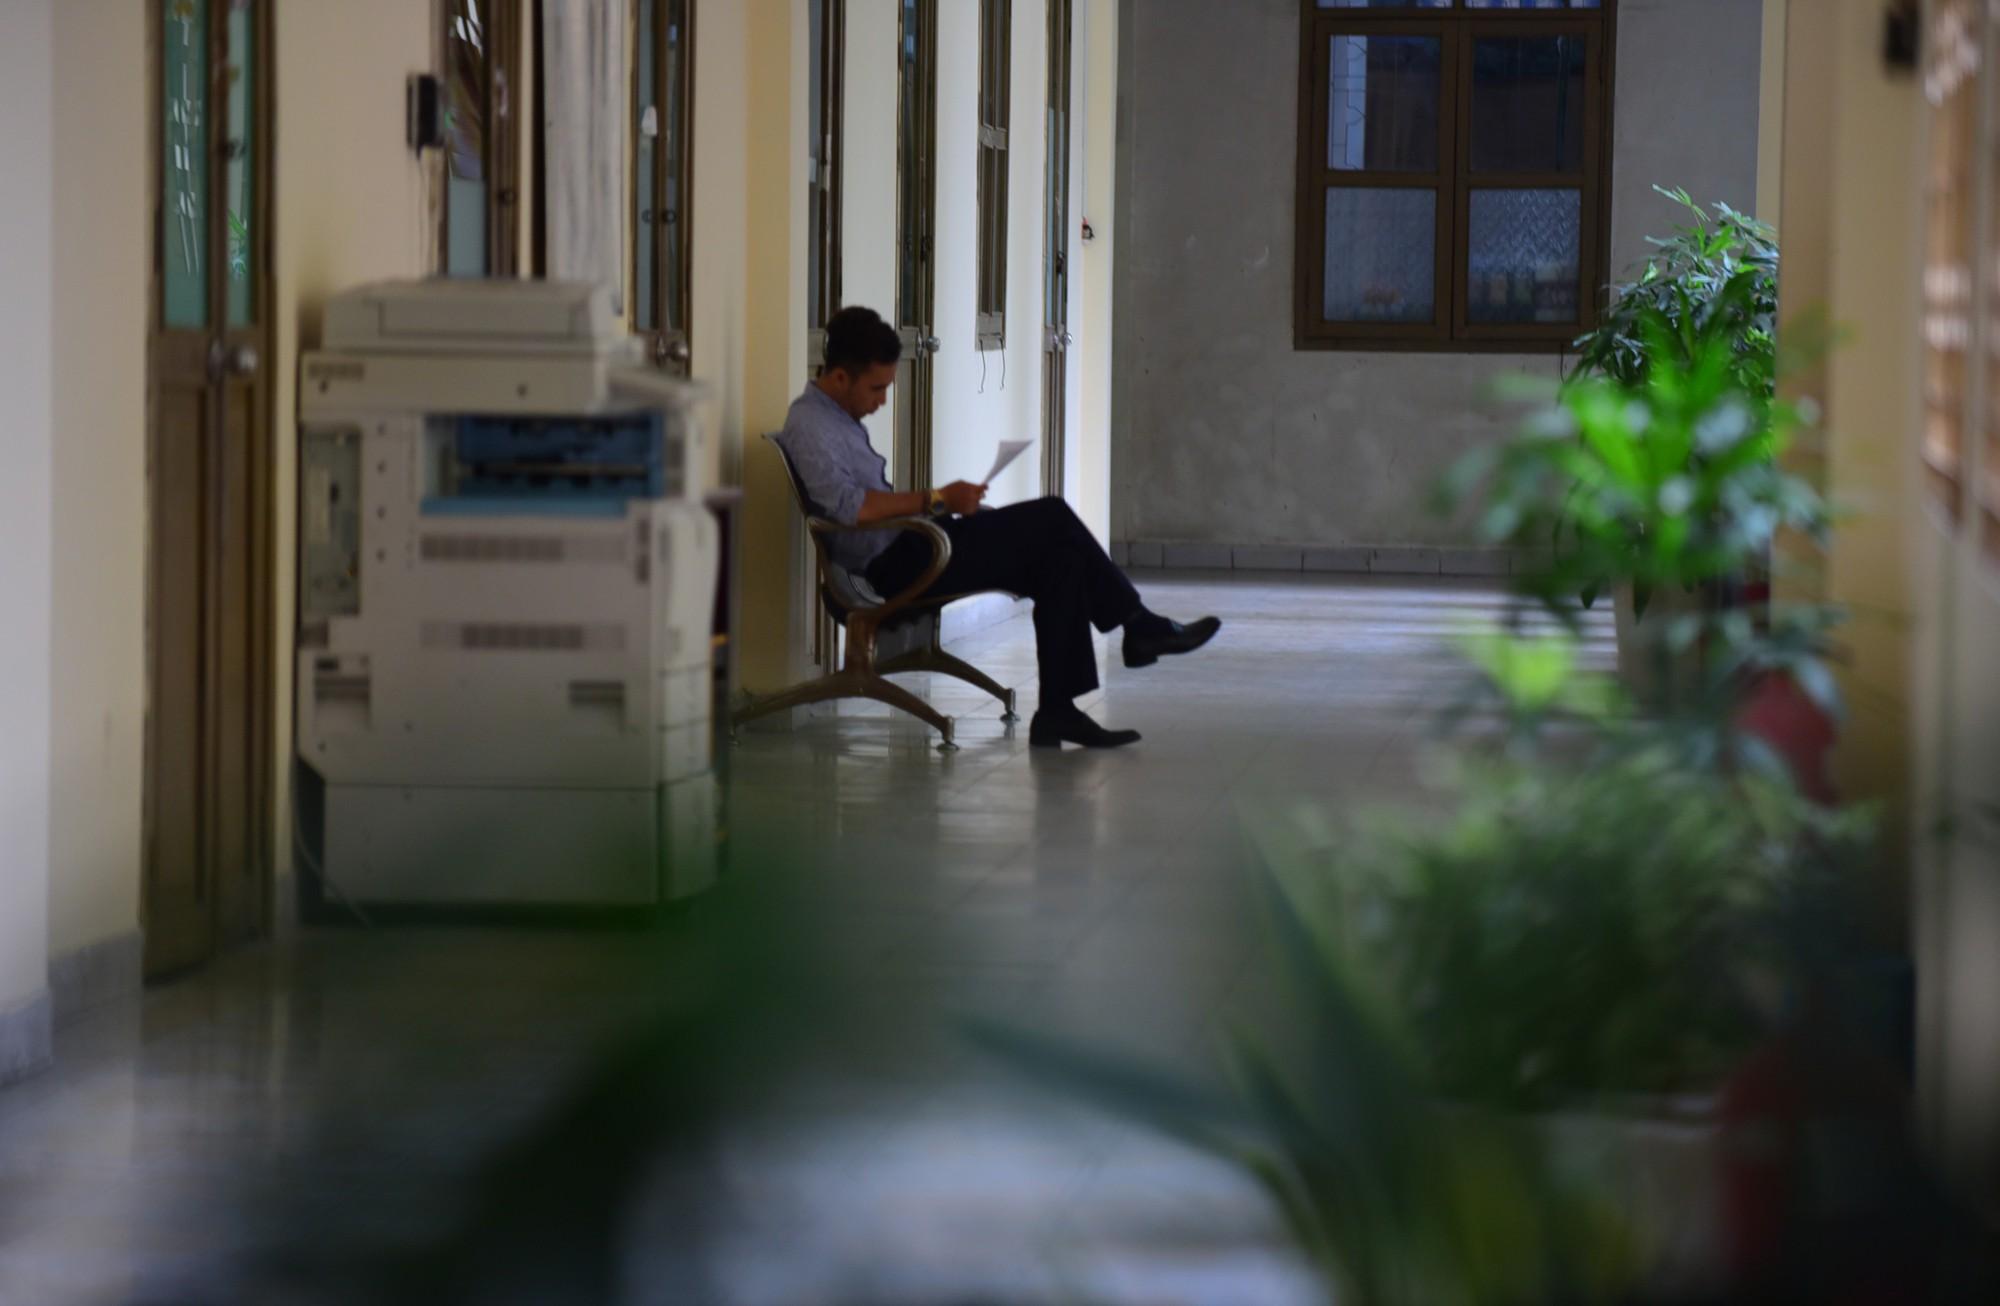 Cận cảnh dinh Thượng Thơ 120 năm tuổi ở Sài Gòn có nguy cơ bị đập bỏ - Ảnh 11.